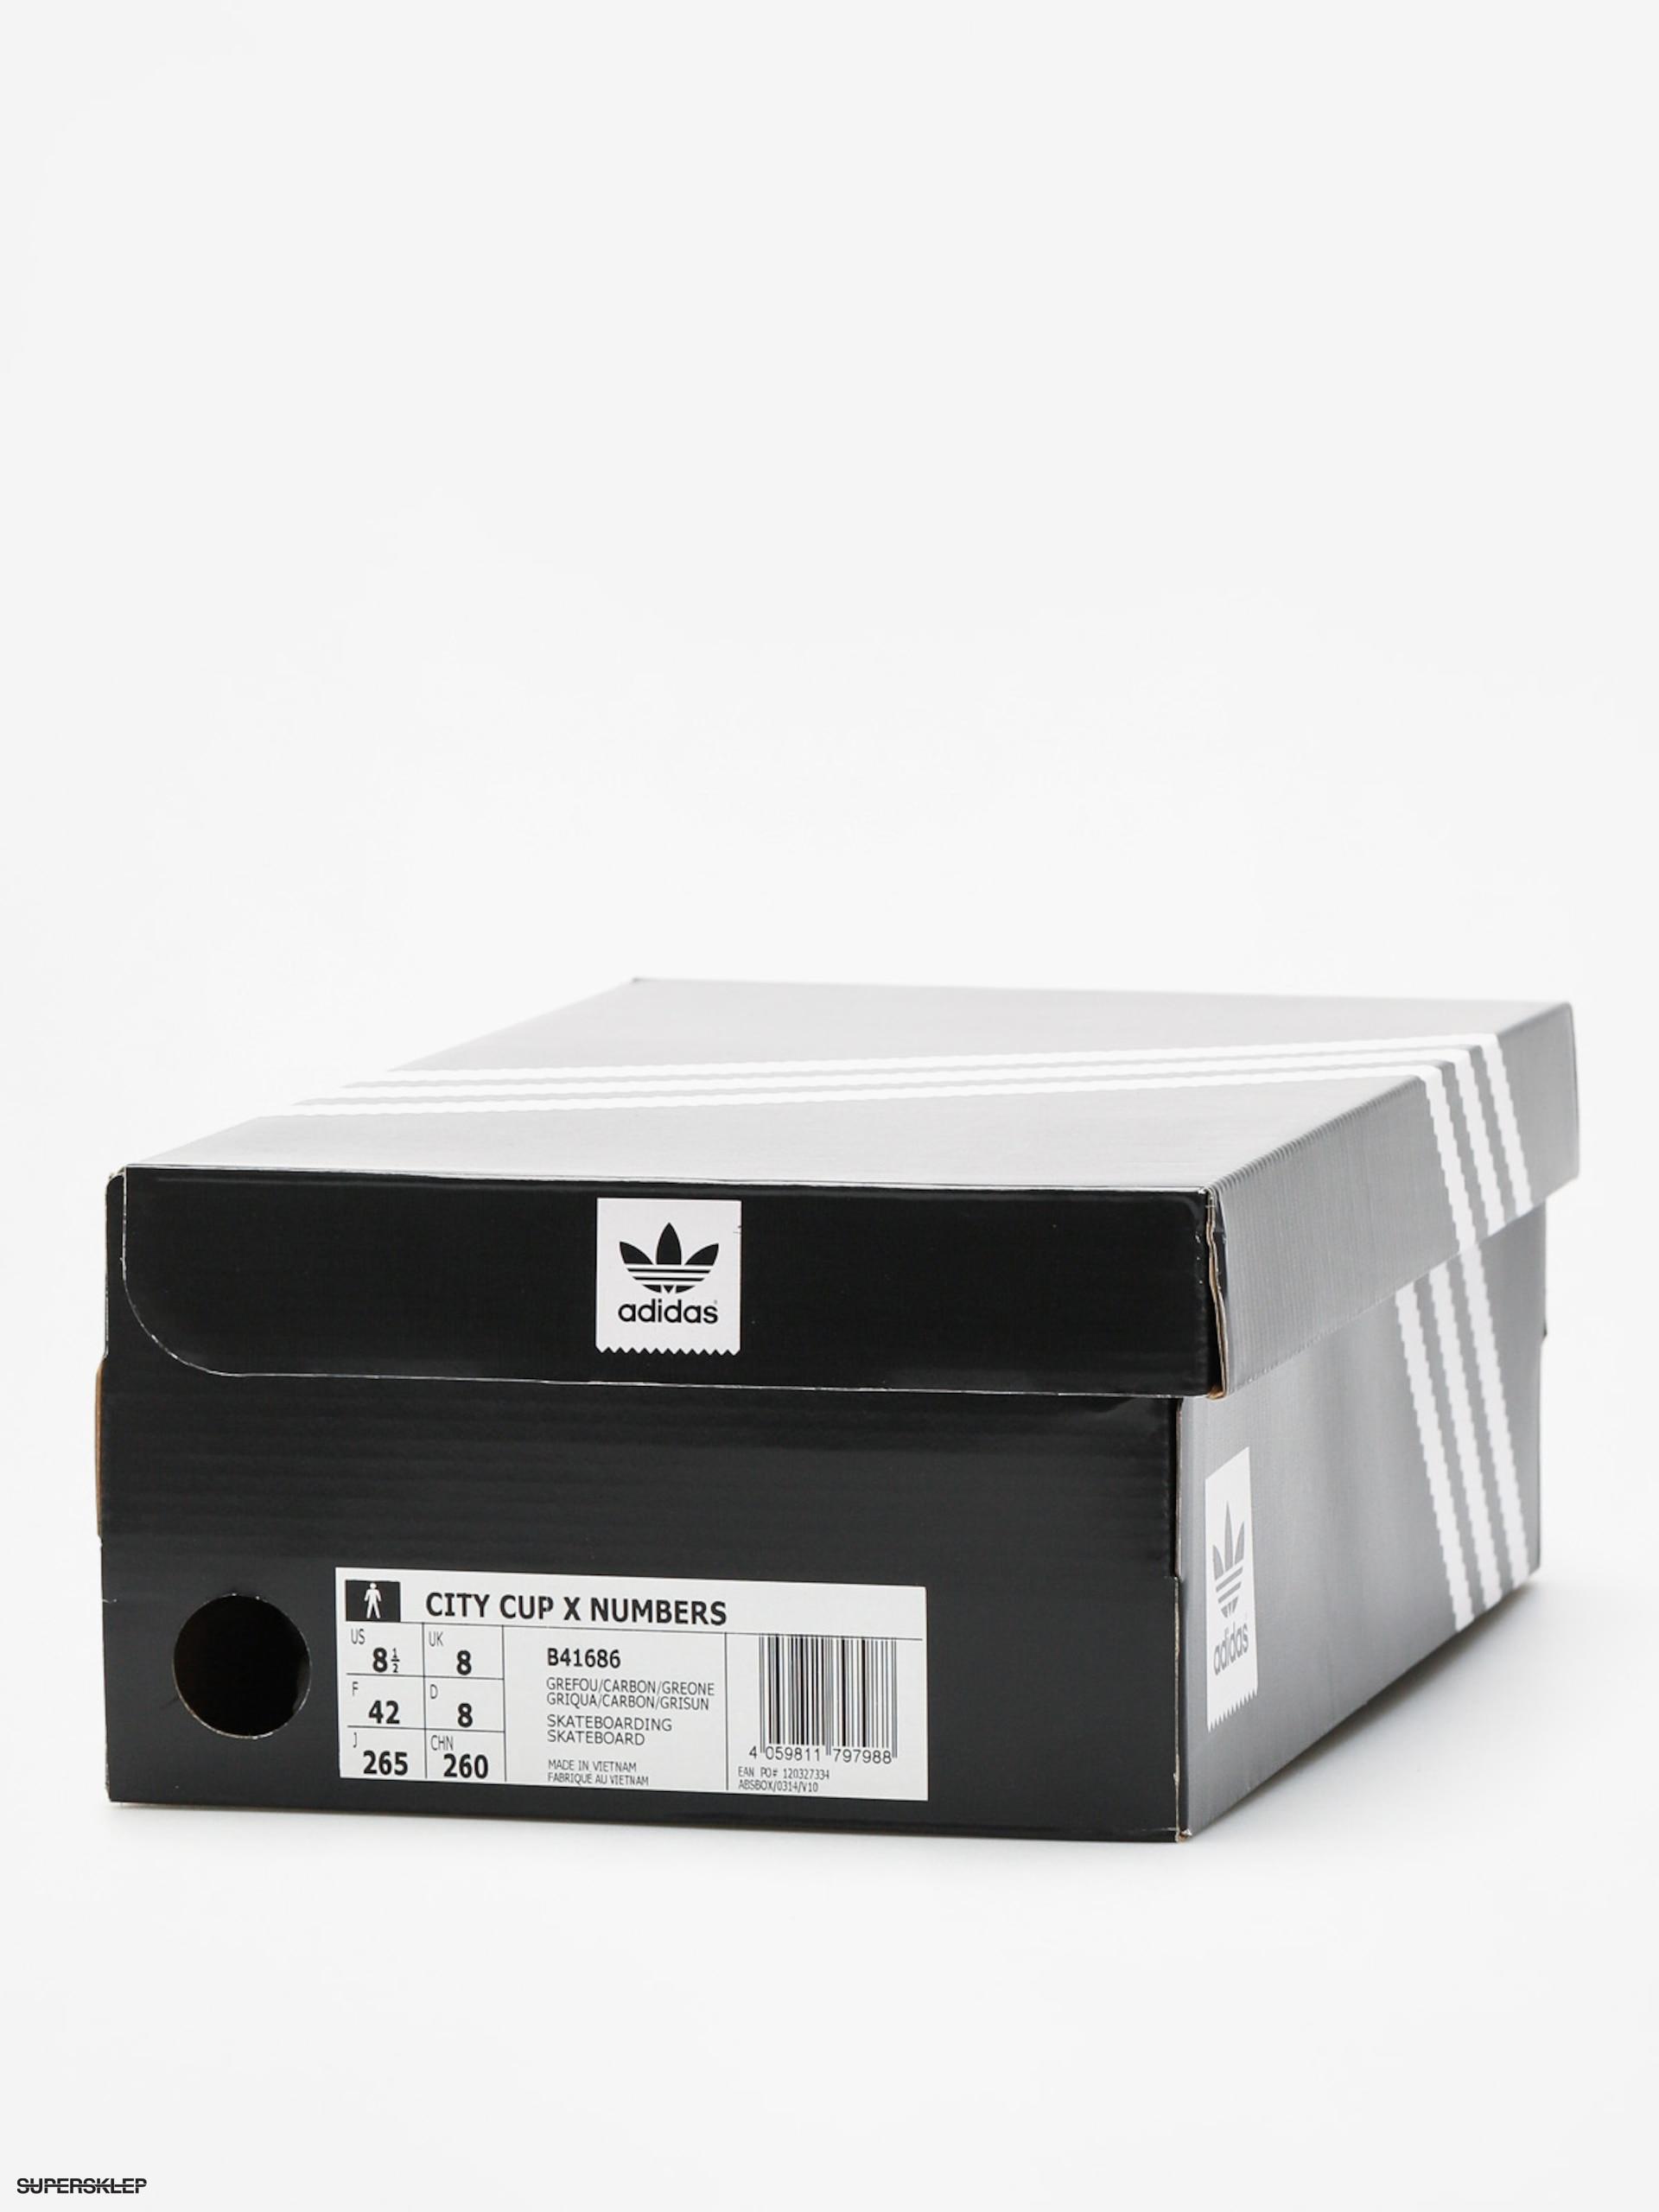 adidas city cup x nombre buty 5 carbon gris, gris, carbon gris, un f 007049